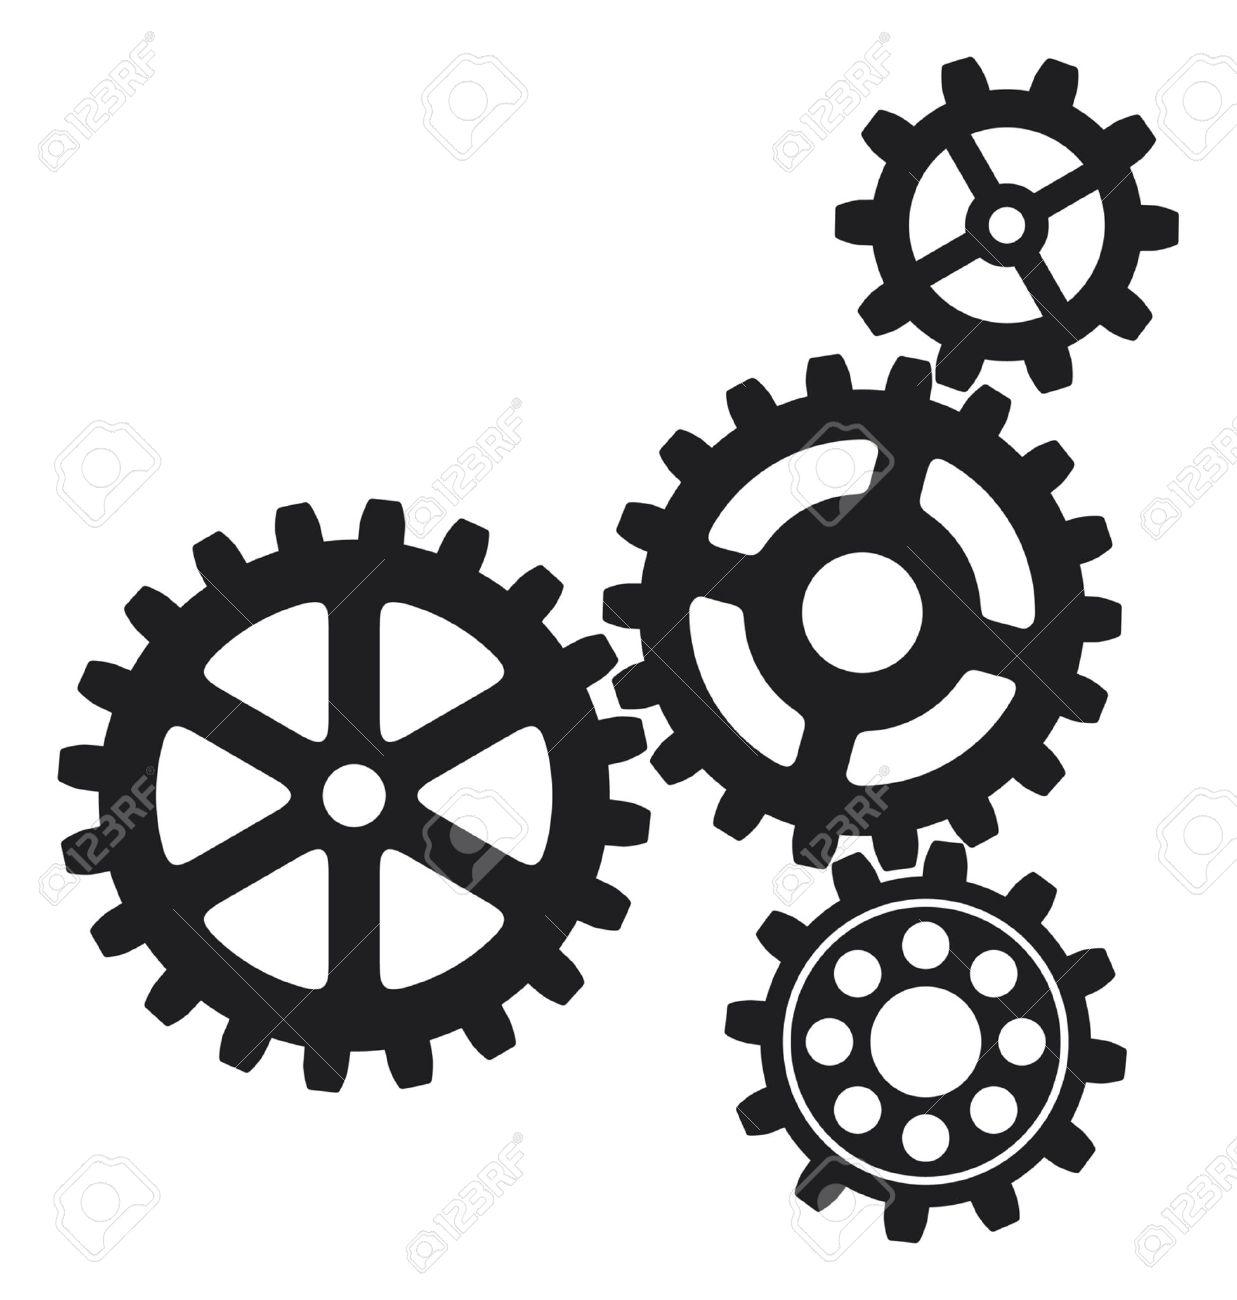 Wachsenden zahnrder zahnrad symbol getriebe symbol lizenzfrei wachsenden zahnrder zahnrad symbol getriebe symbol standard bild 14974438 thecheapjerseys Image collections